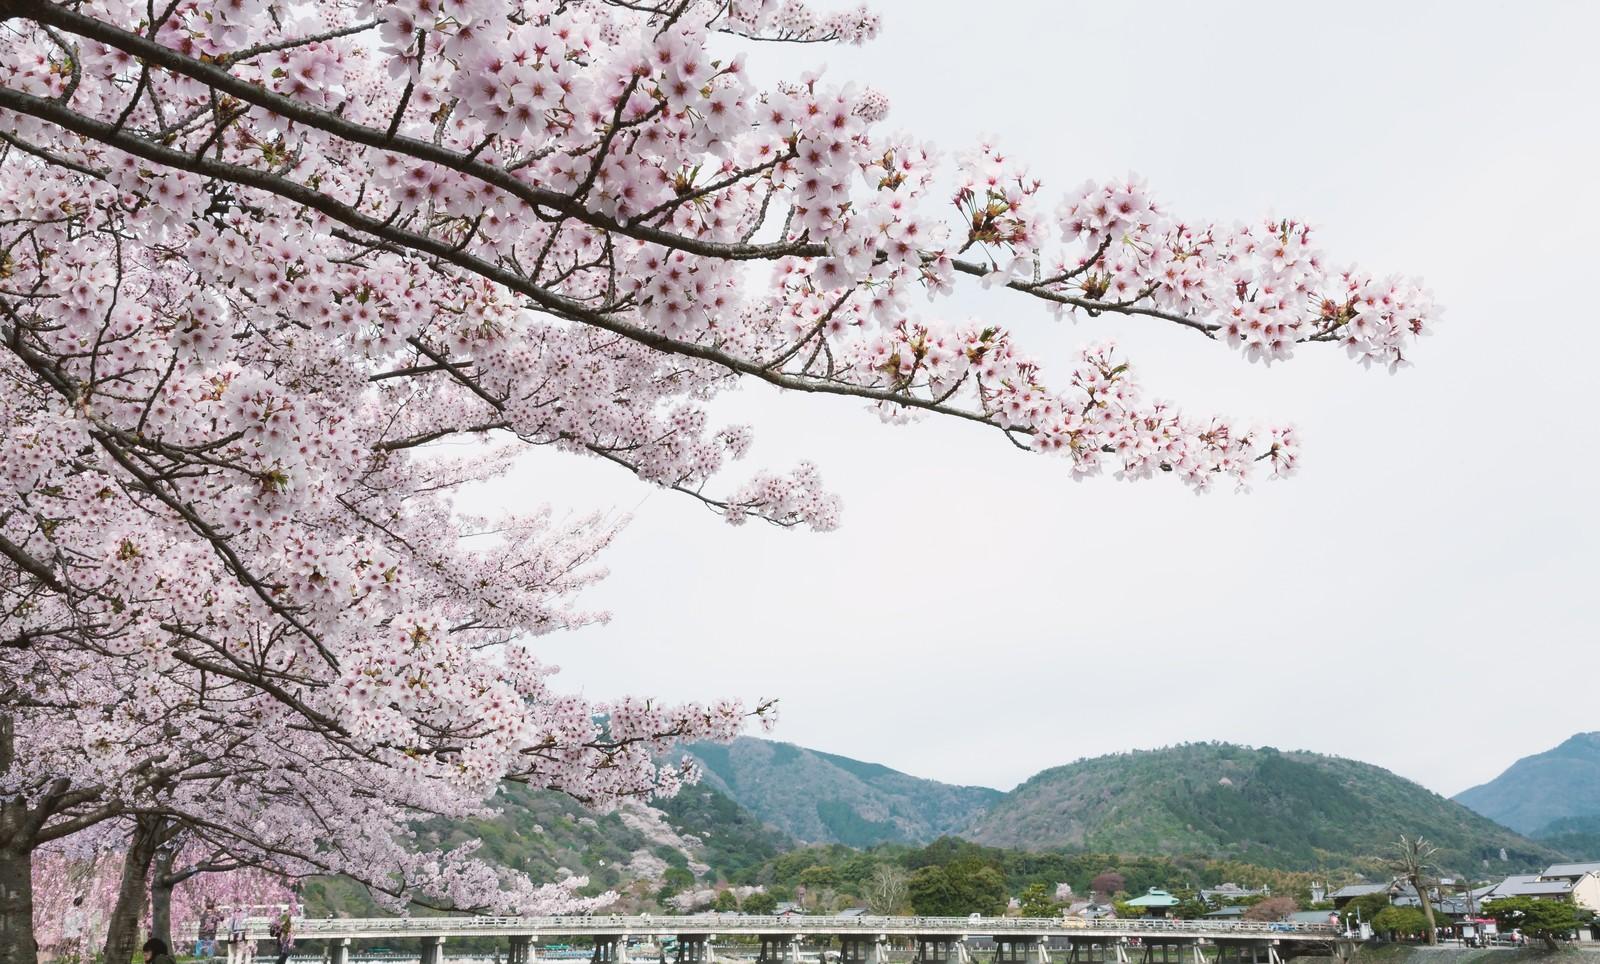 嵐山へのアクセスは電車・バス・車どれがおすすめ?京都駅からの行き方も紹介!